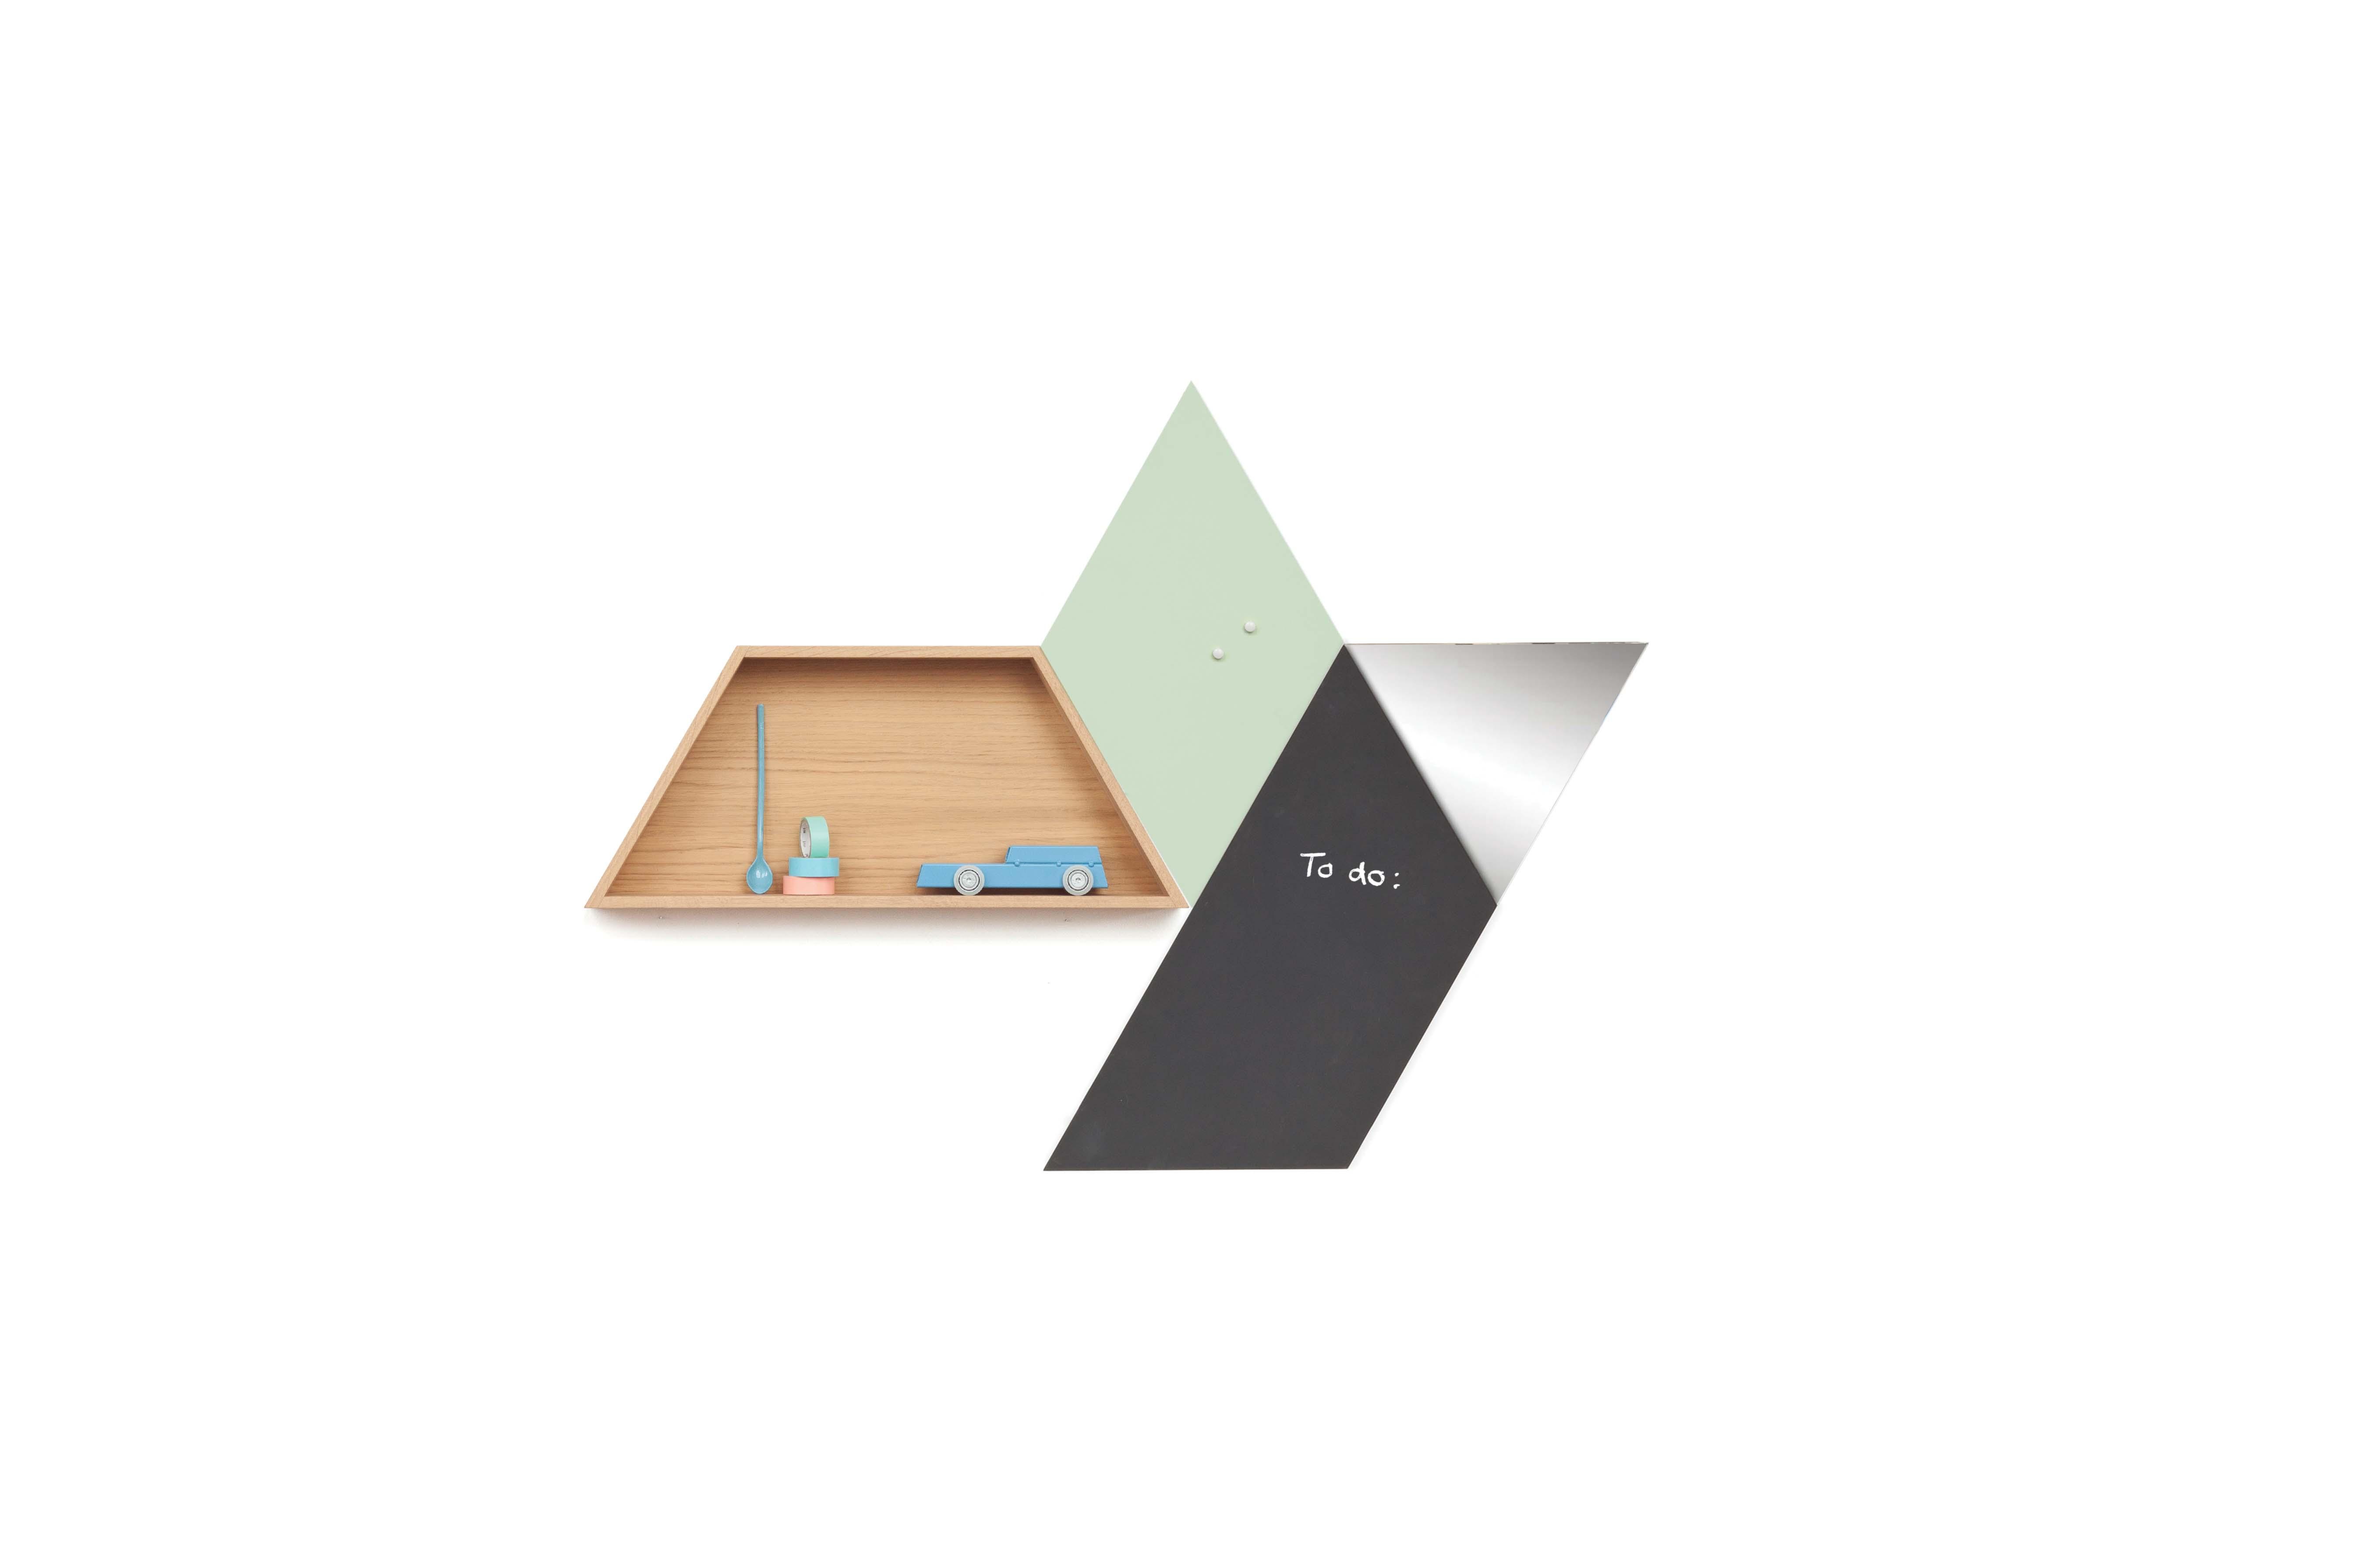 Dutch design in je keuken kopen? Gimmii verzendt gratis